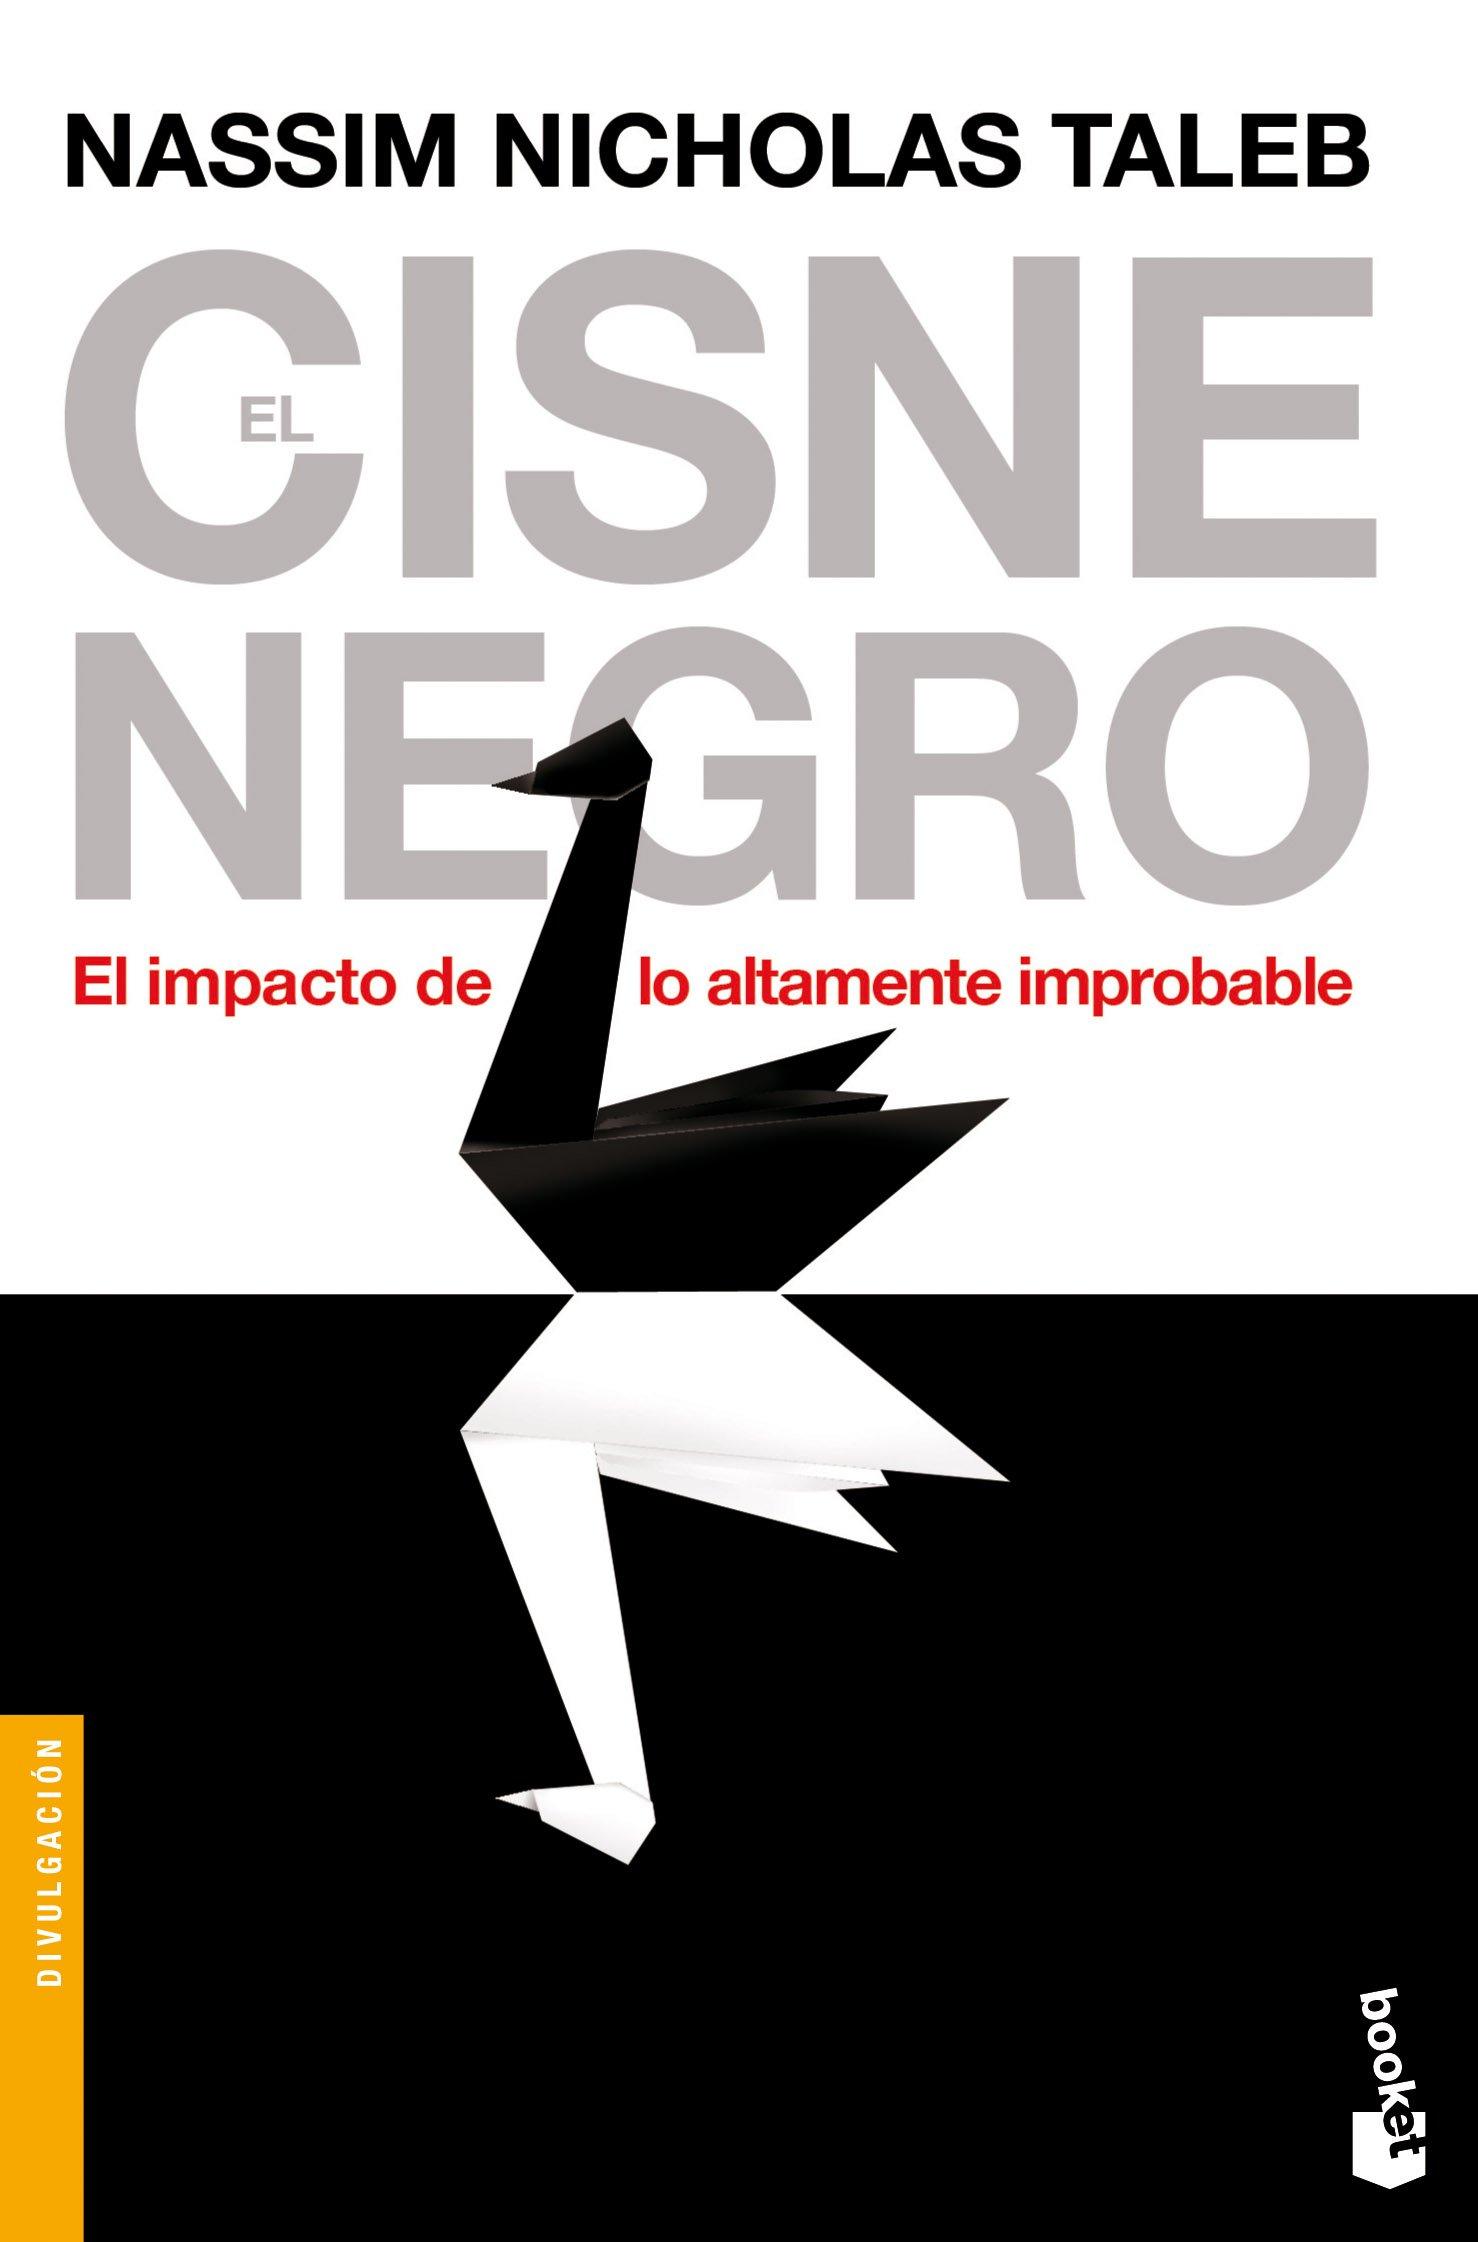 El cisne negro: El impacto de lo altamente improbable (Divulgación. Actualidad) Tapa blanda – 4 sep 2012 Nassim Nicholas Taleb Roc Filella Montfort Booket 8408008544